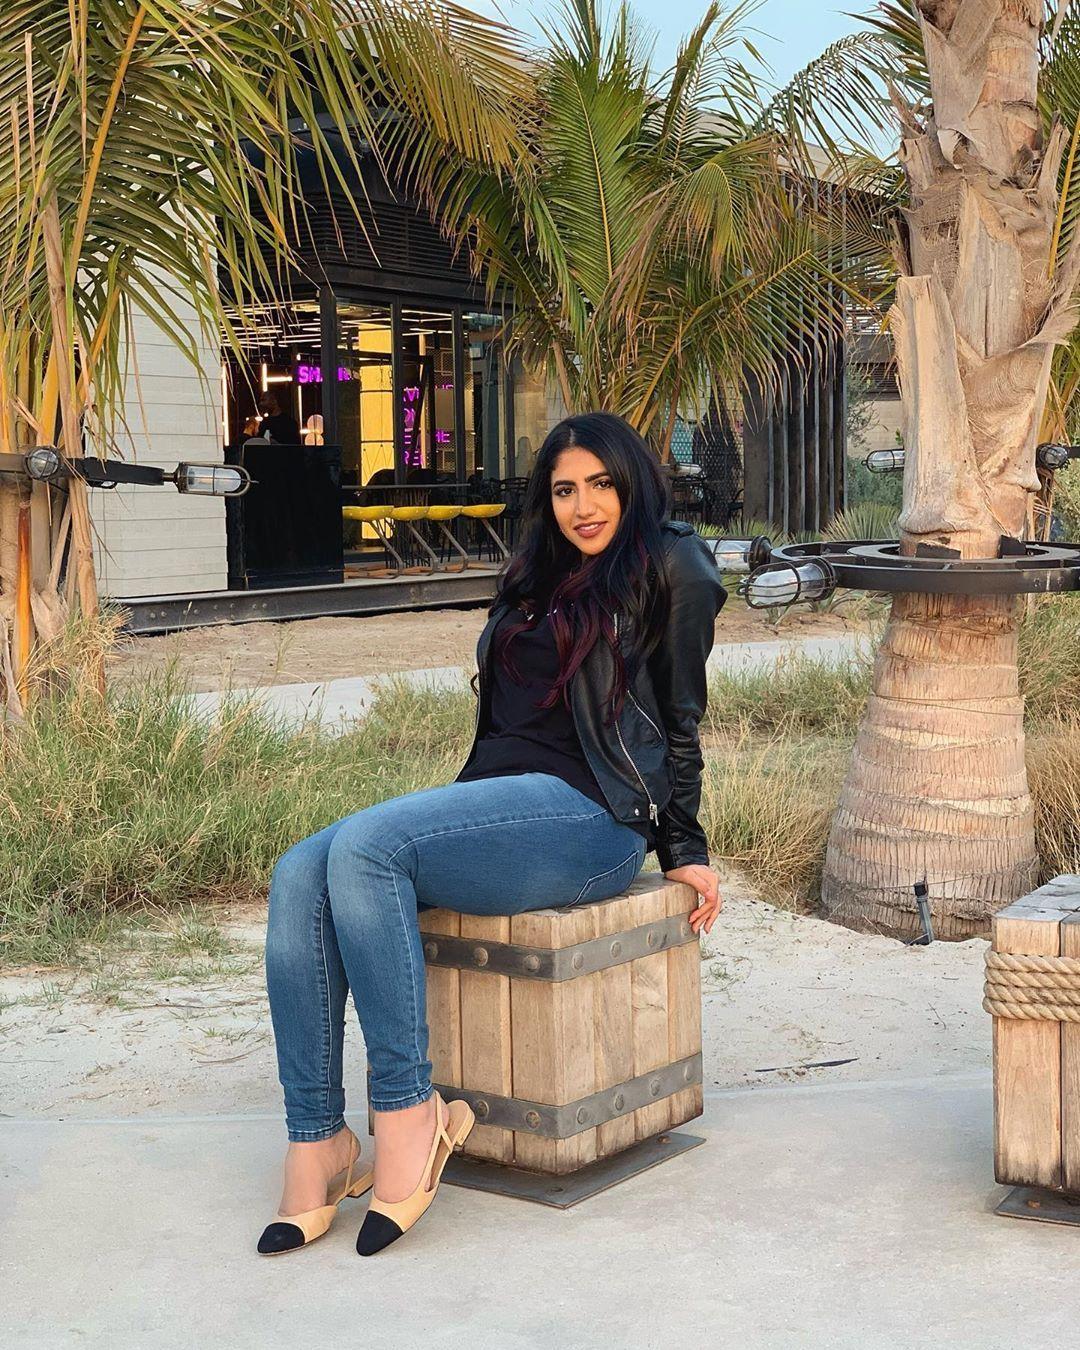 نور ستارز Noor Stars S Instagram Photo Last April شكو ماكو اخباركم Photo Parody Videos Mom Jeans